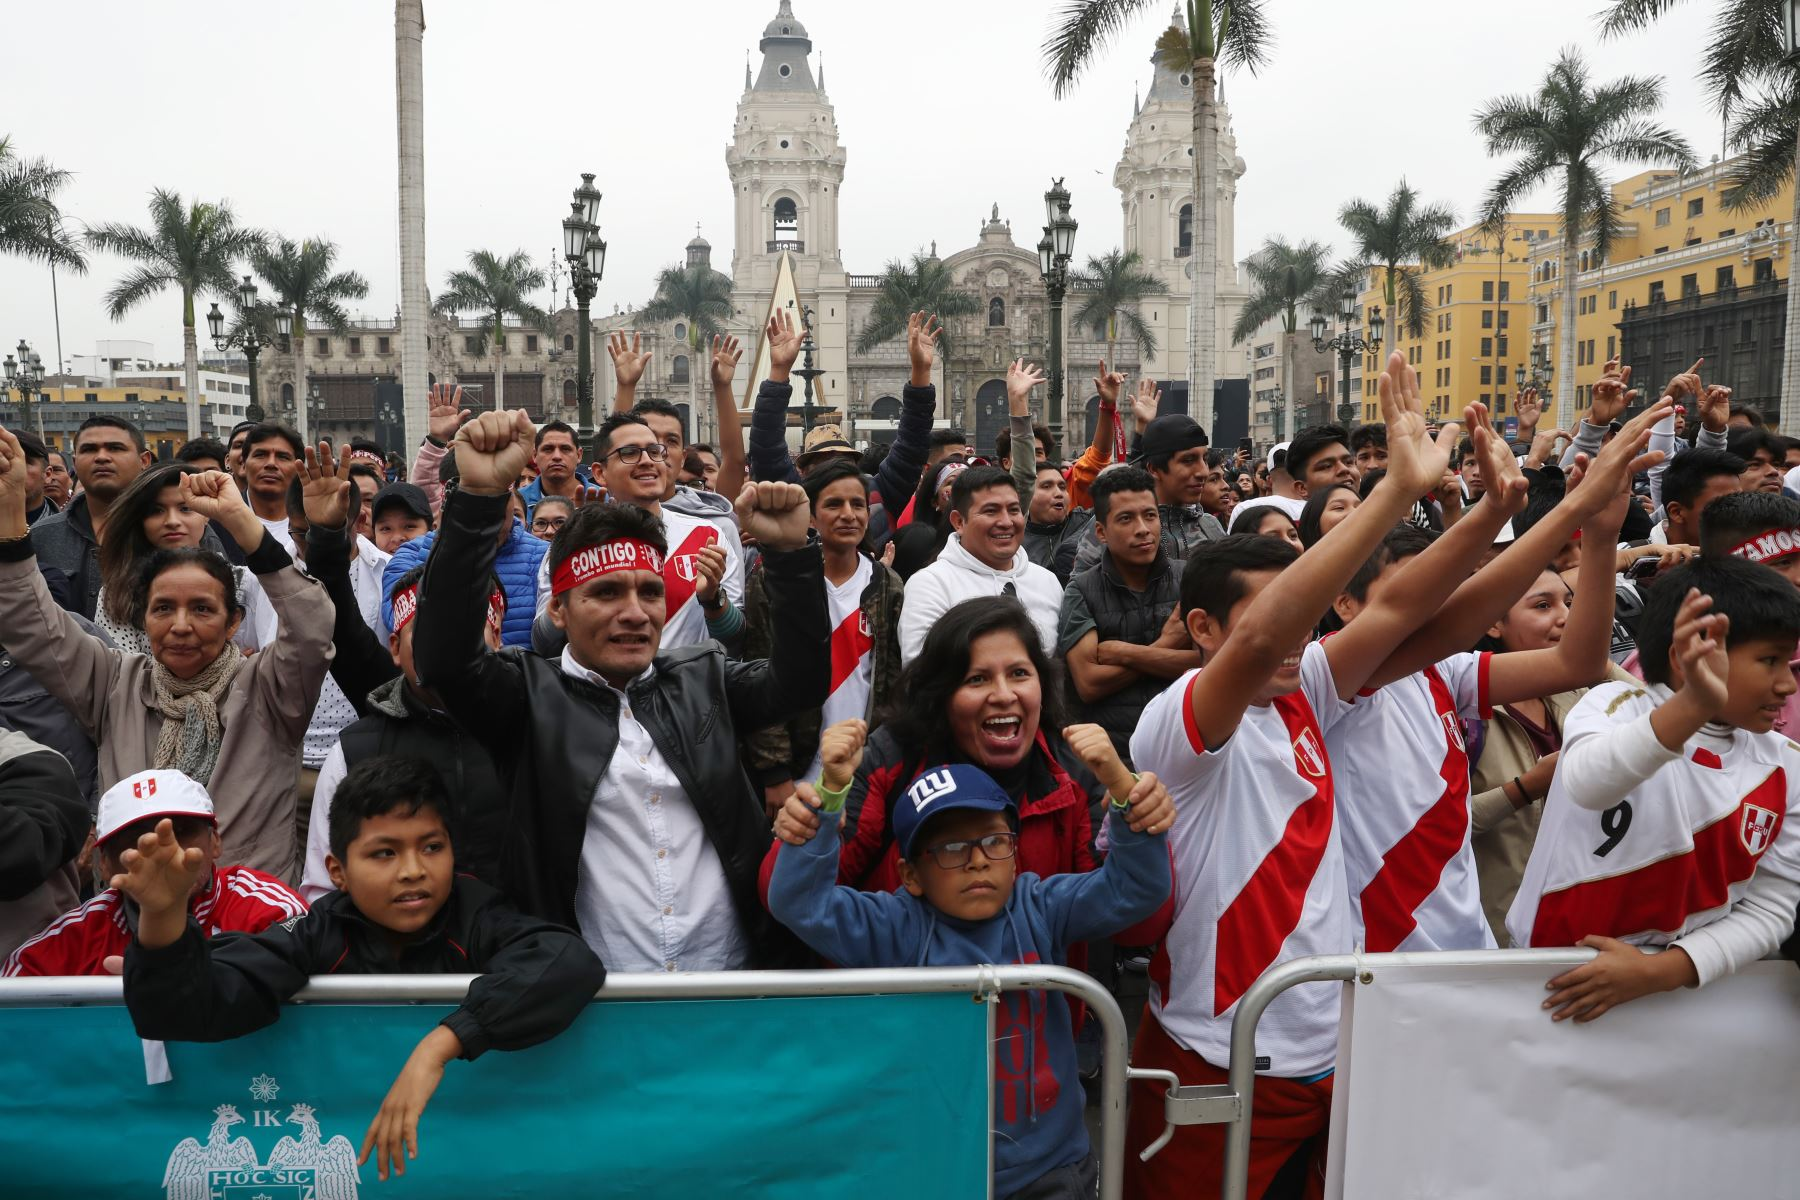 Peruanos reunidos en la Plaza Mayor  alientan a la selección peruana que se enfrenta a la selección brasileña. Foto: ANDINA/Melina Mejía